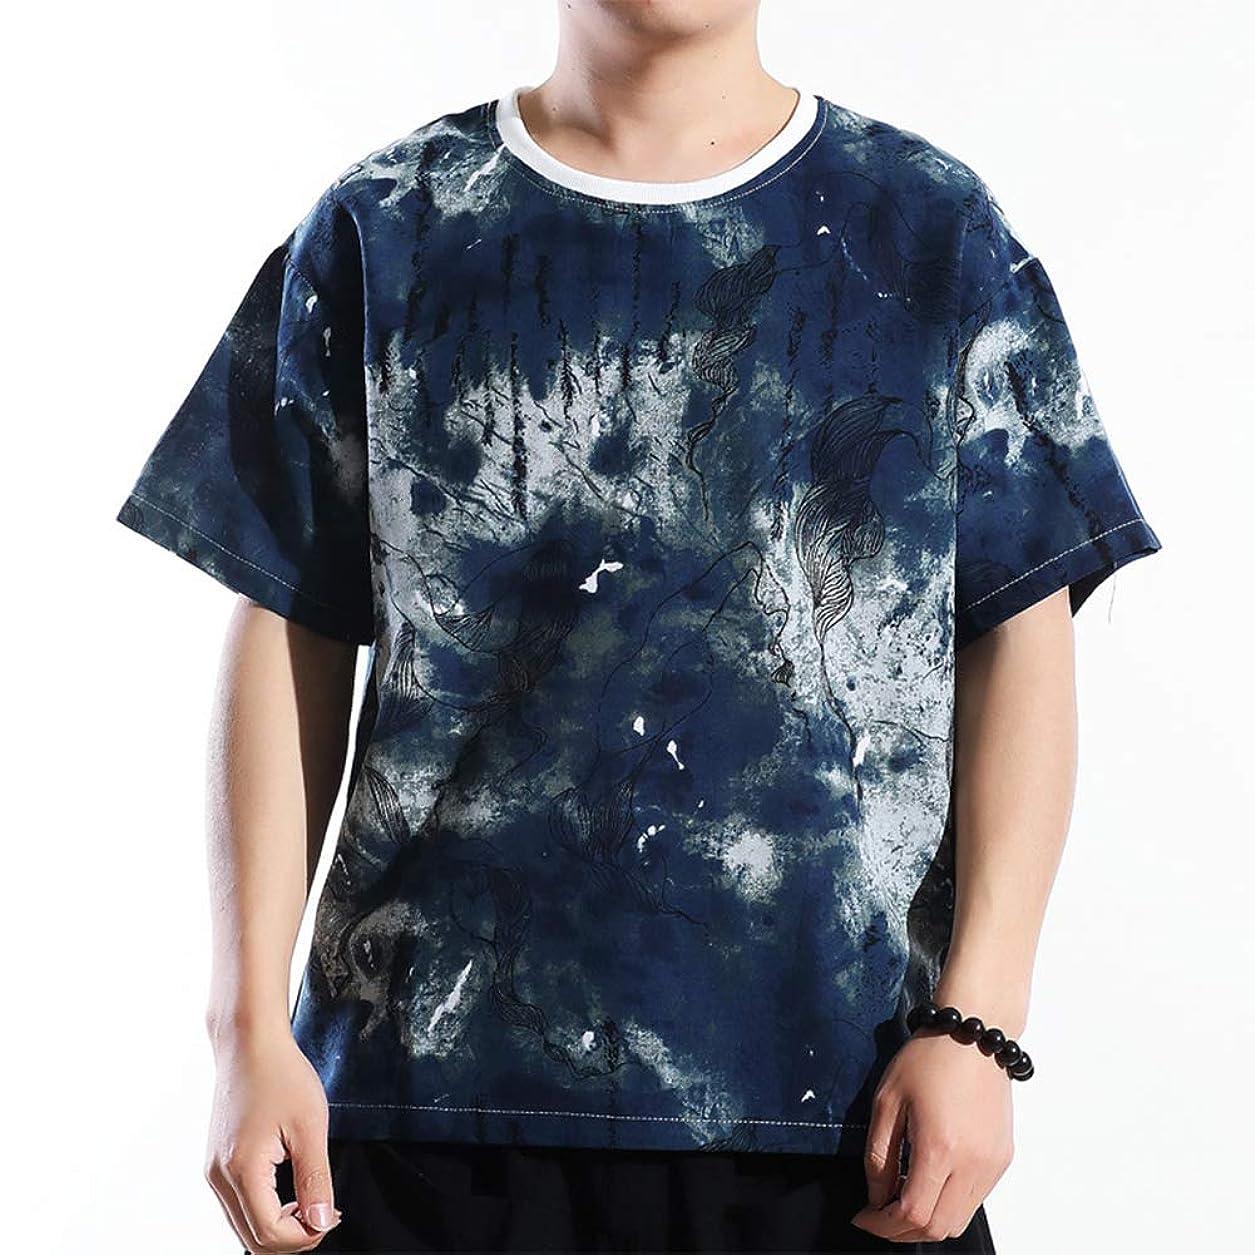 死着飾る洪水メンズリネンTシャツクラシック印刷ポロシャツ,黒,XXXL